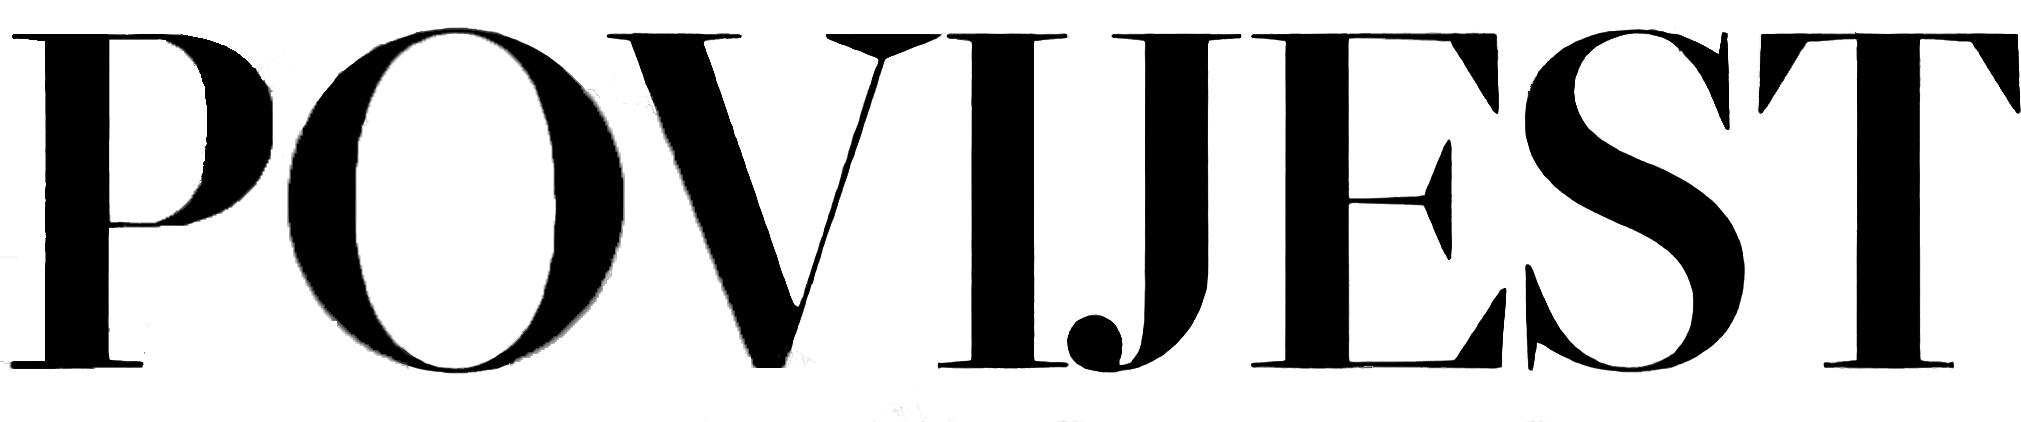 POVIJEST - logo